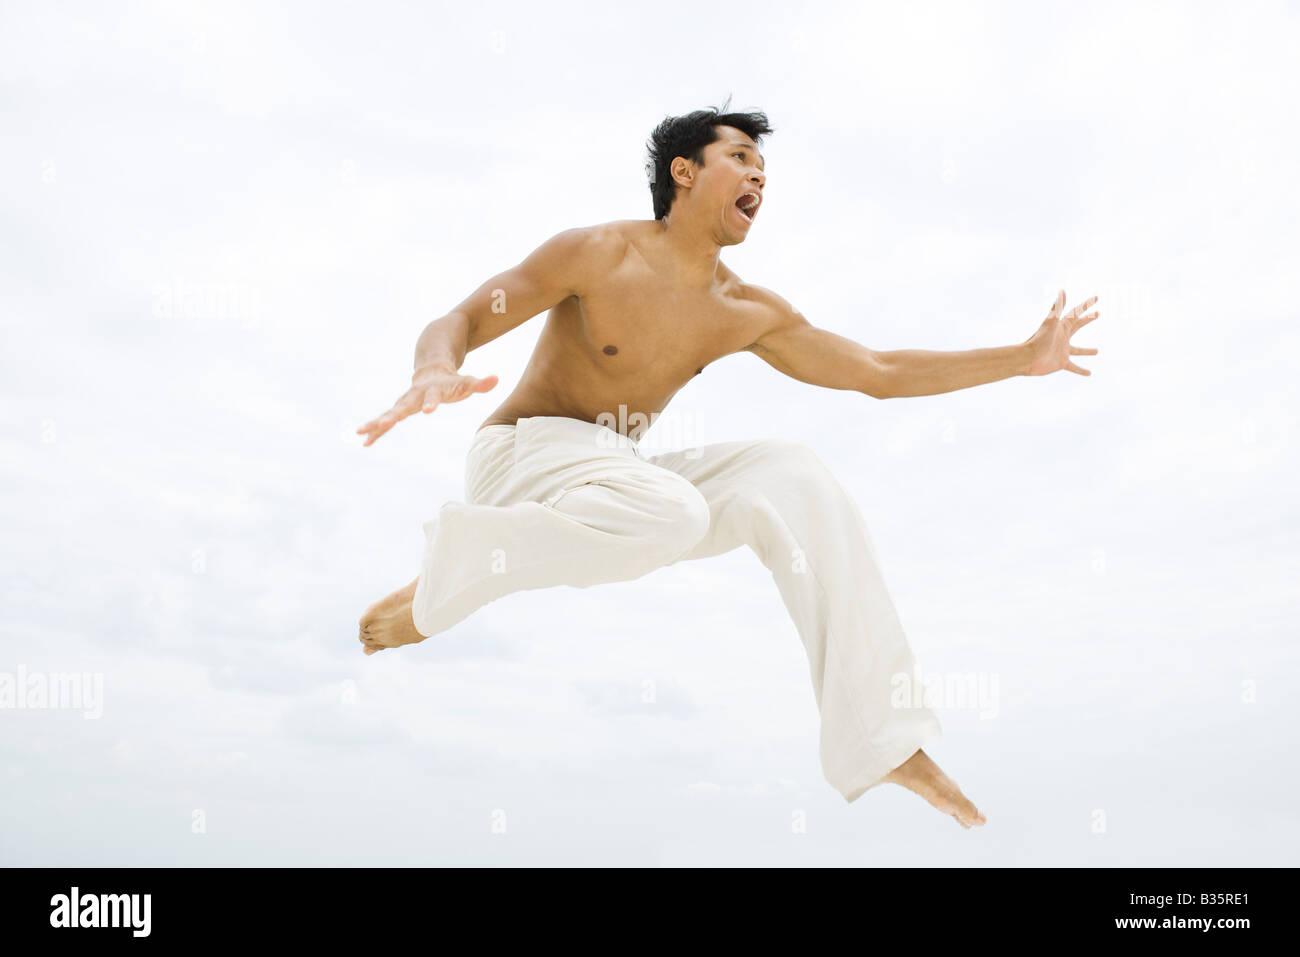 Hombre saltando en el aire, vista lateral Imagen De Stock